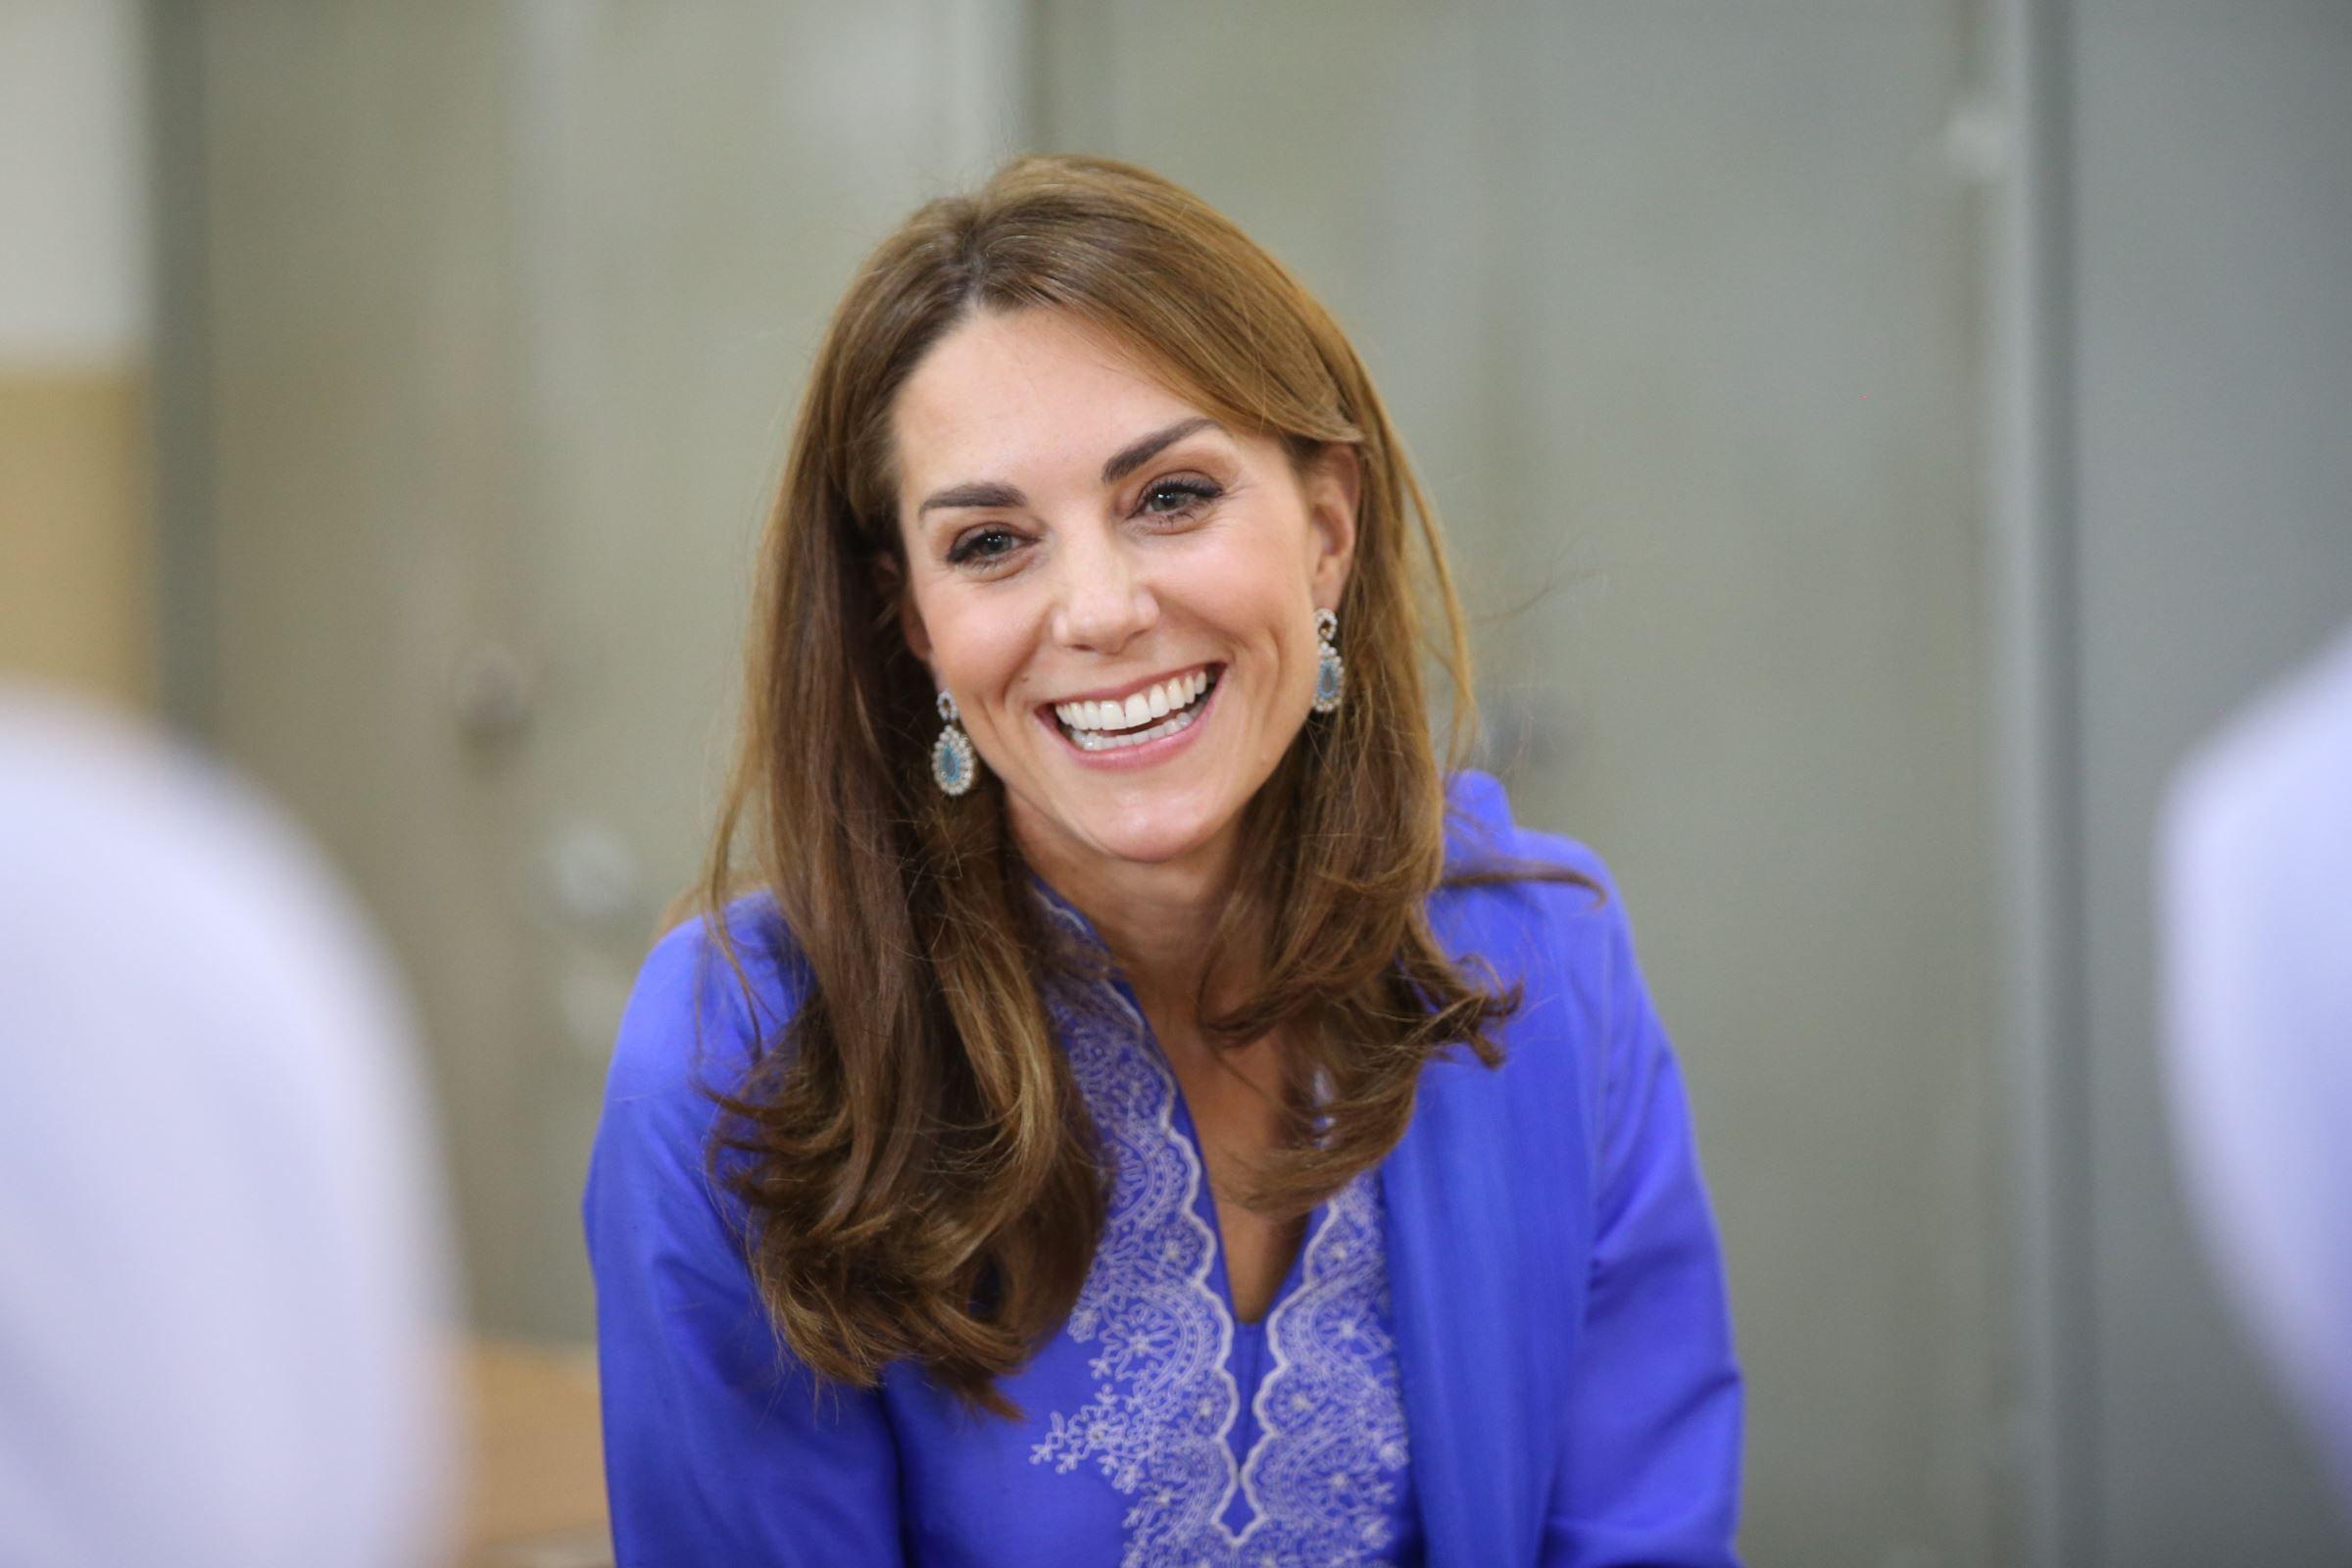 Кейт Миддлтон поговорила с детьми о доброте во время онлайн-урока